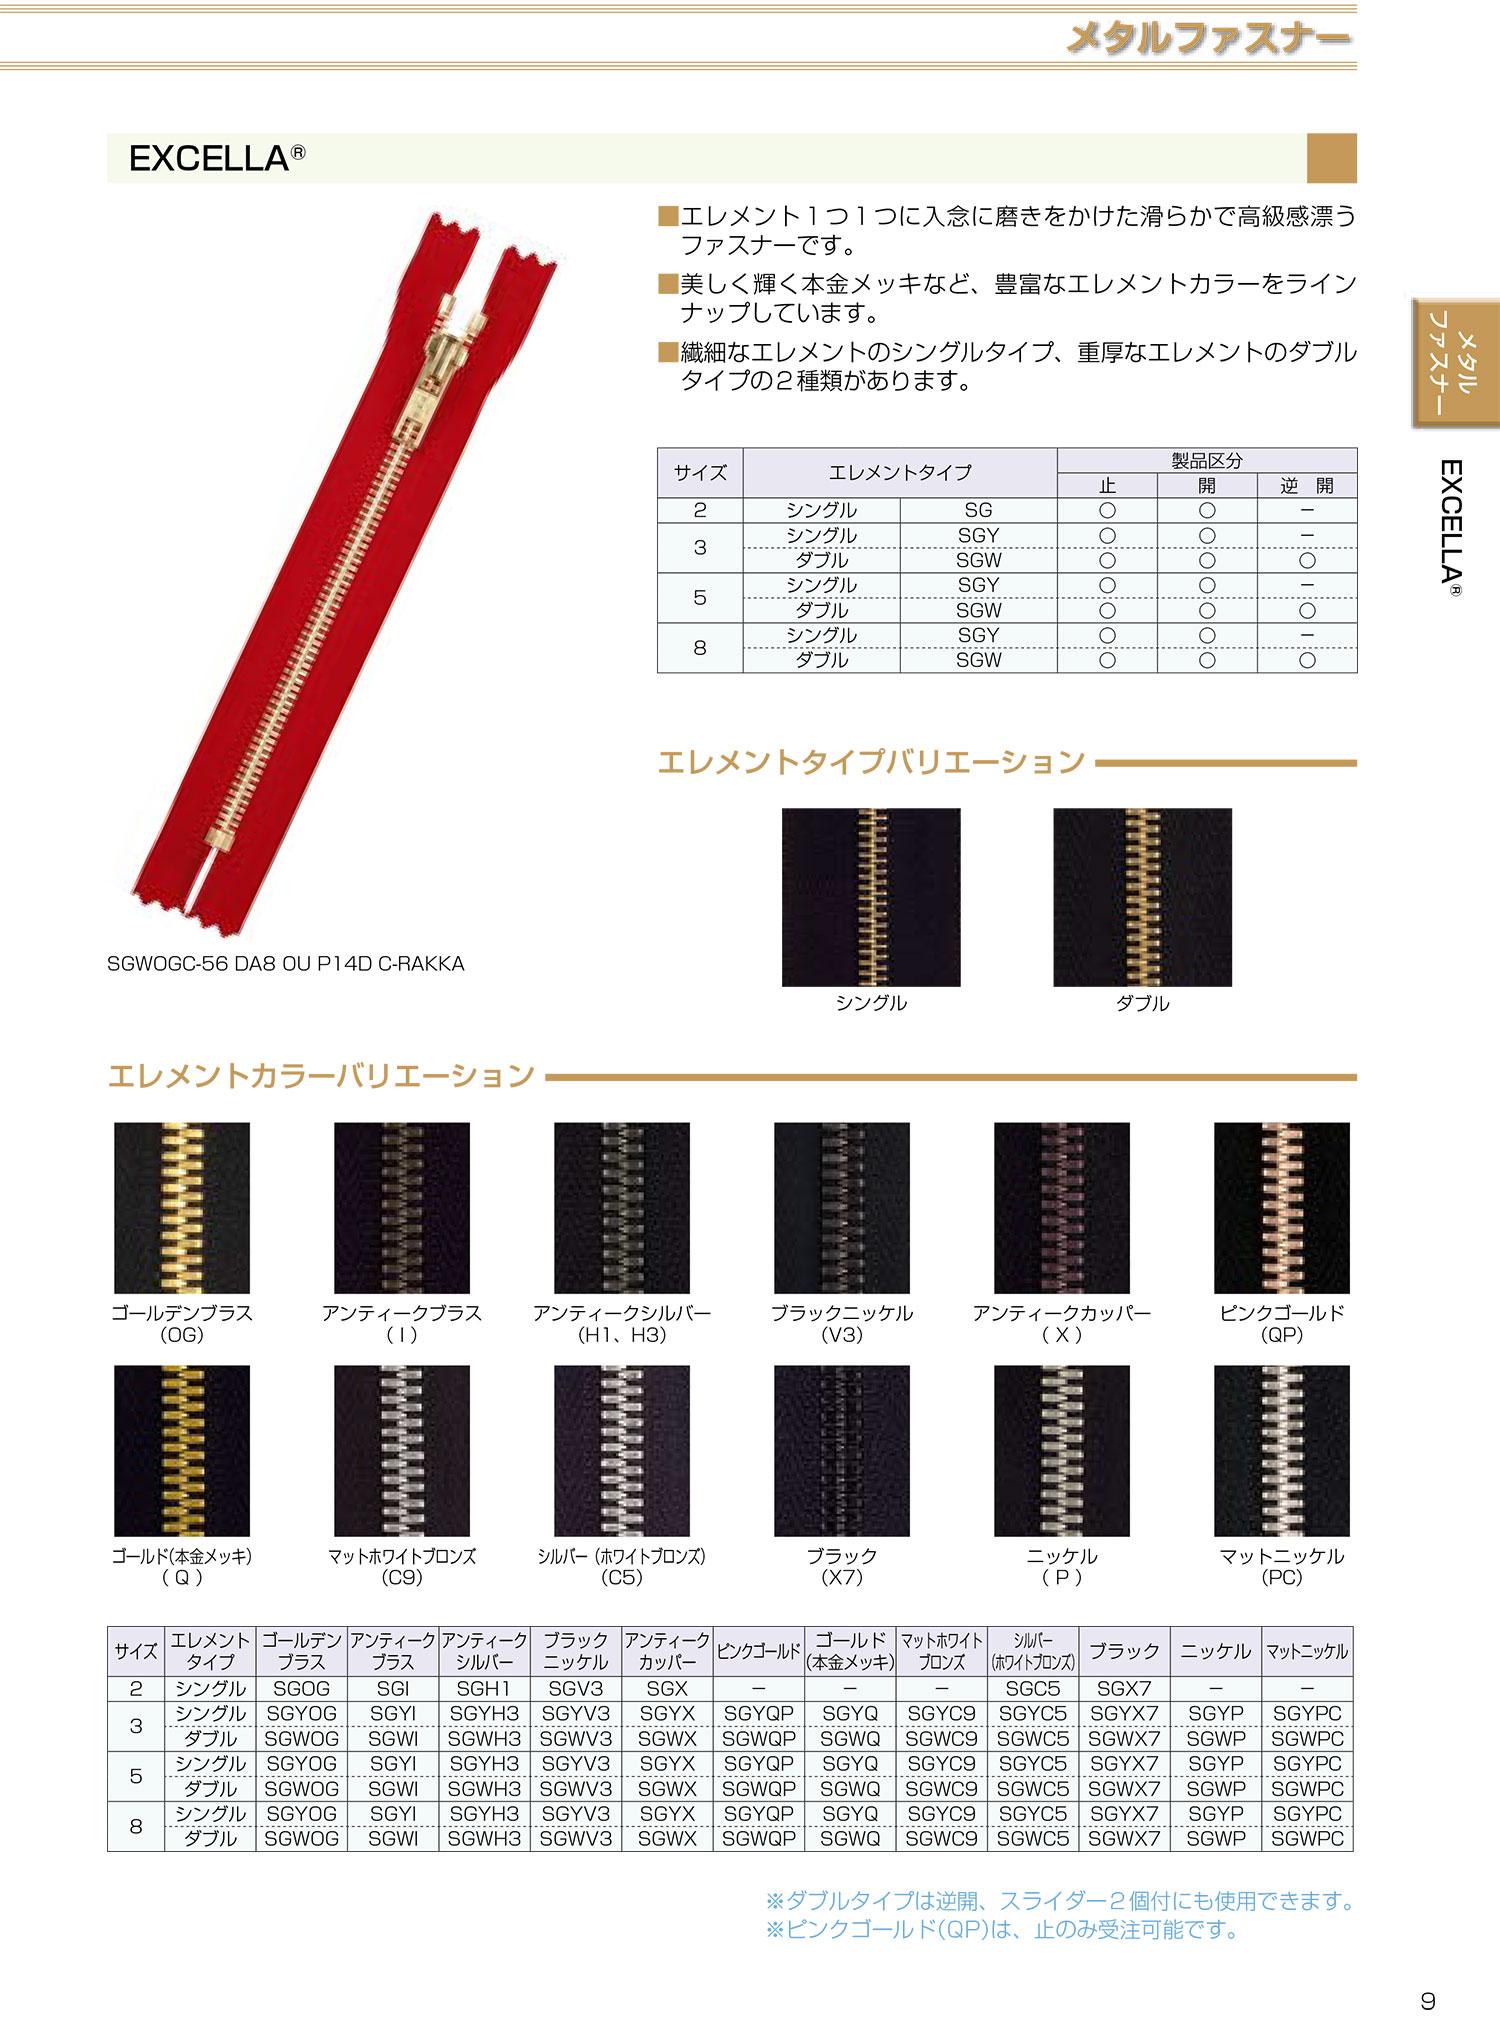 5SGWPCOR エクセラ 5サイズ マットニッケル オープン ダブル[ファスナー] YKK/オークラ商事 - ApparelX アパレル資材卸通販